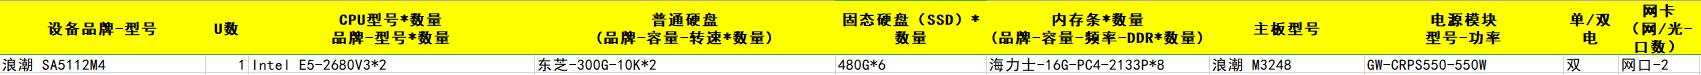 浪潮 SA5112M4 Intel E5-2680V3*2 东芝-300G-10K*2 海力士-16G-PC4-2133P*8